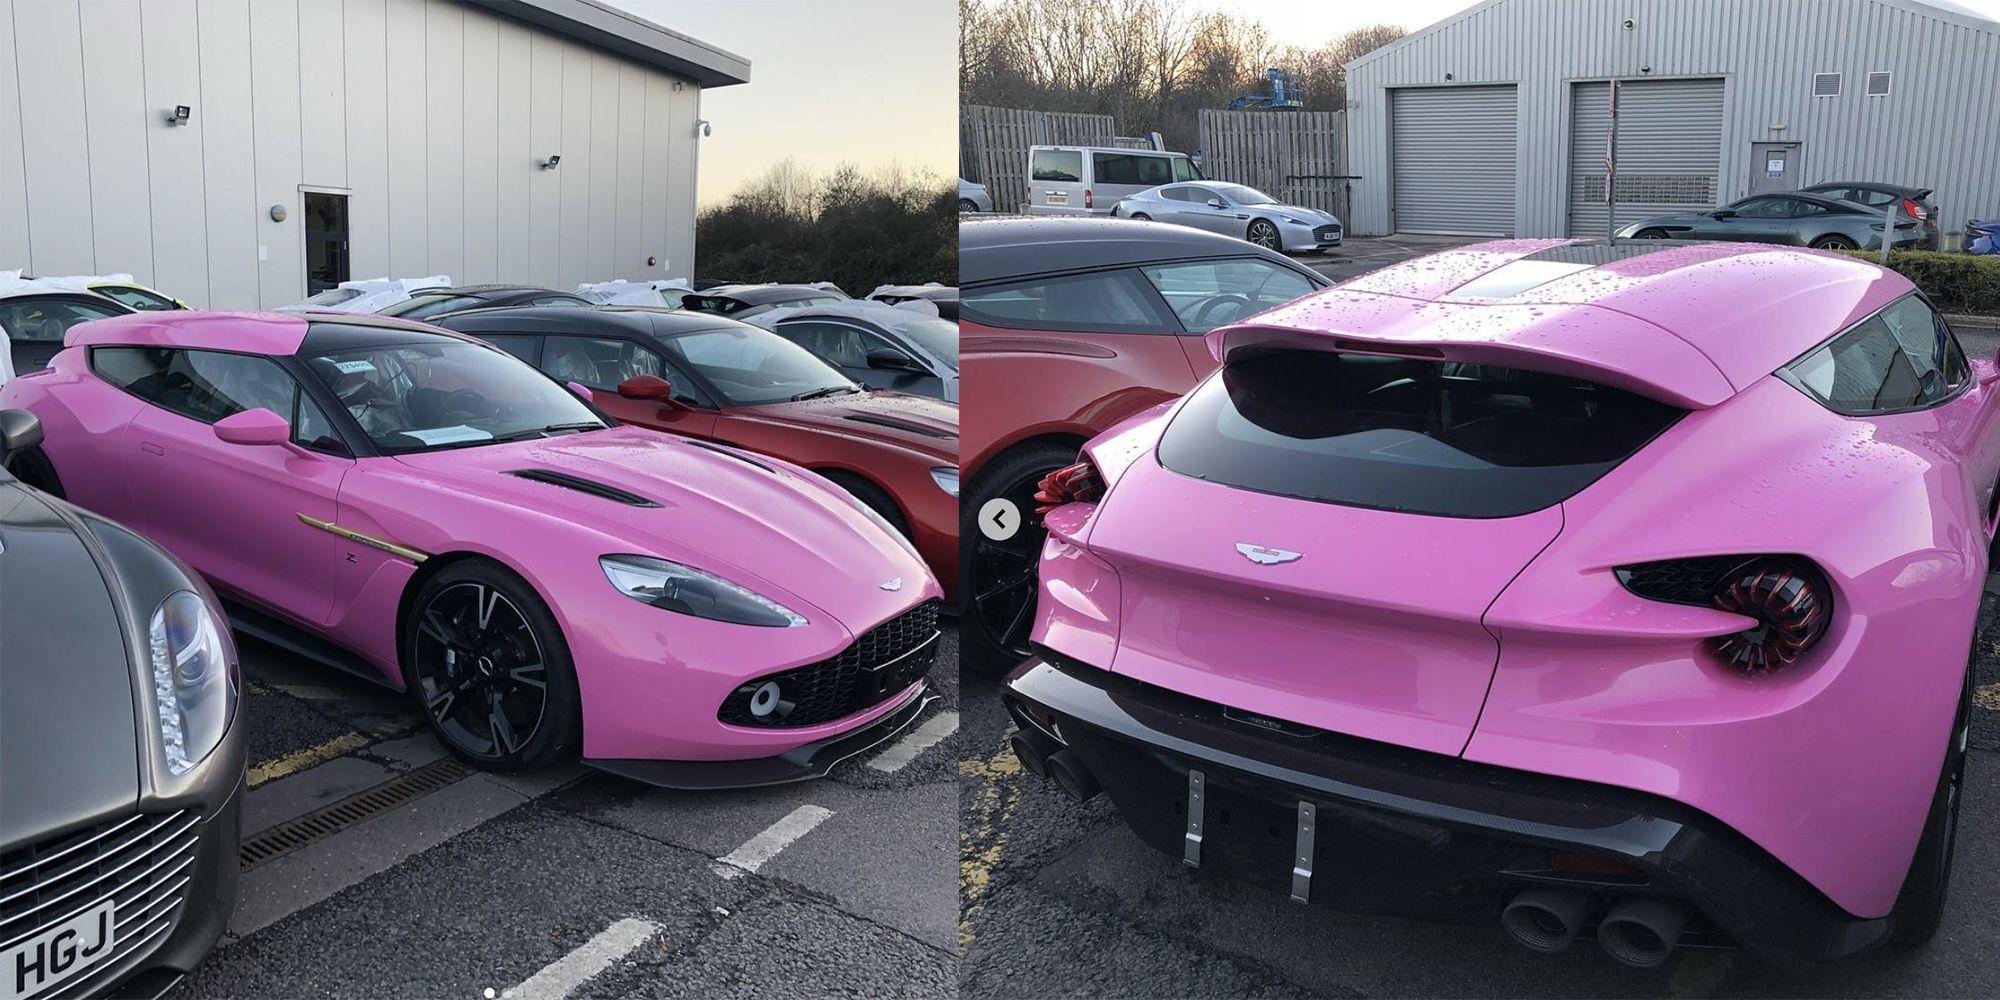 Pink Aston Martin Shooting Break